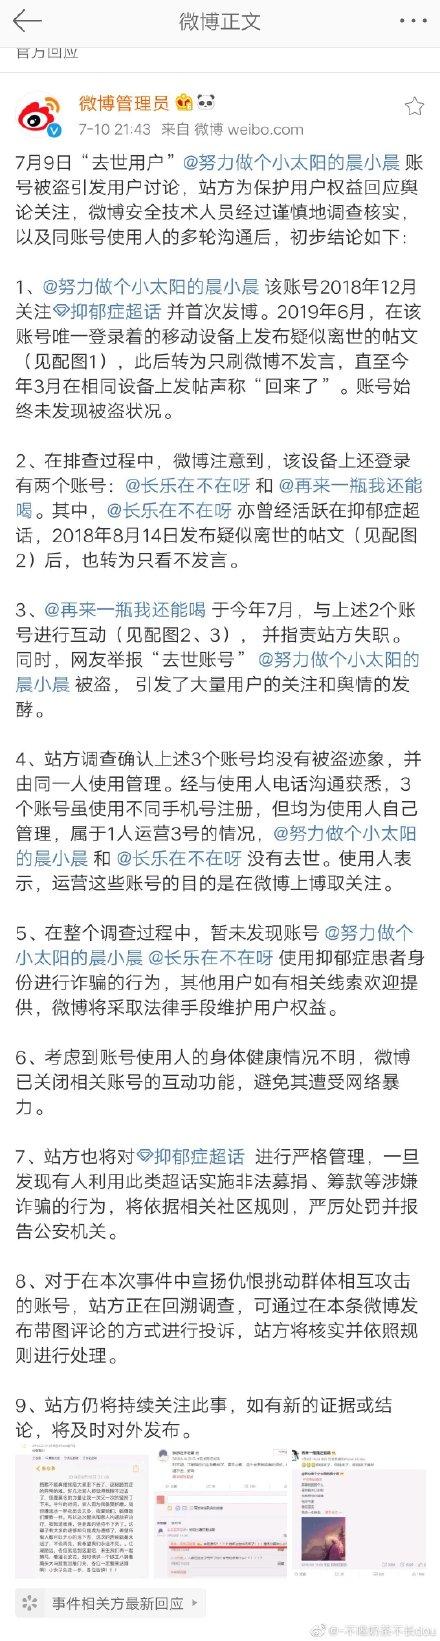 微博管理员回应晨小晨事件 肖战粉丝消费逝者